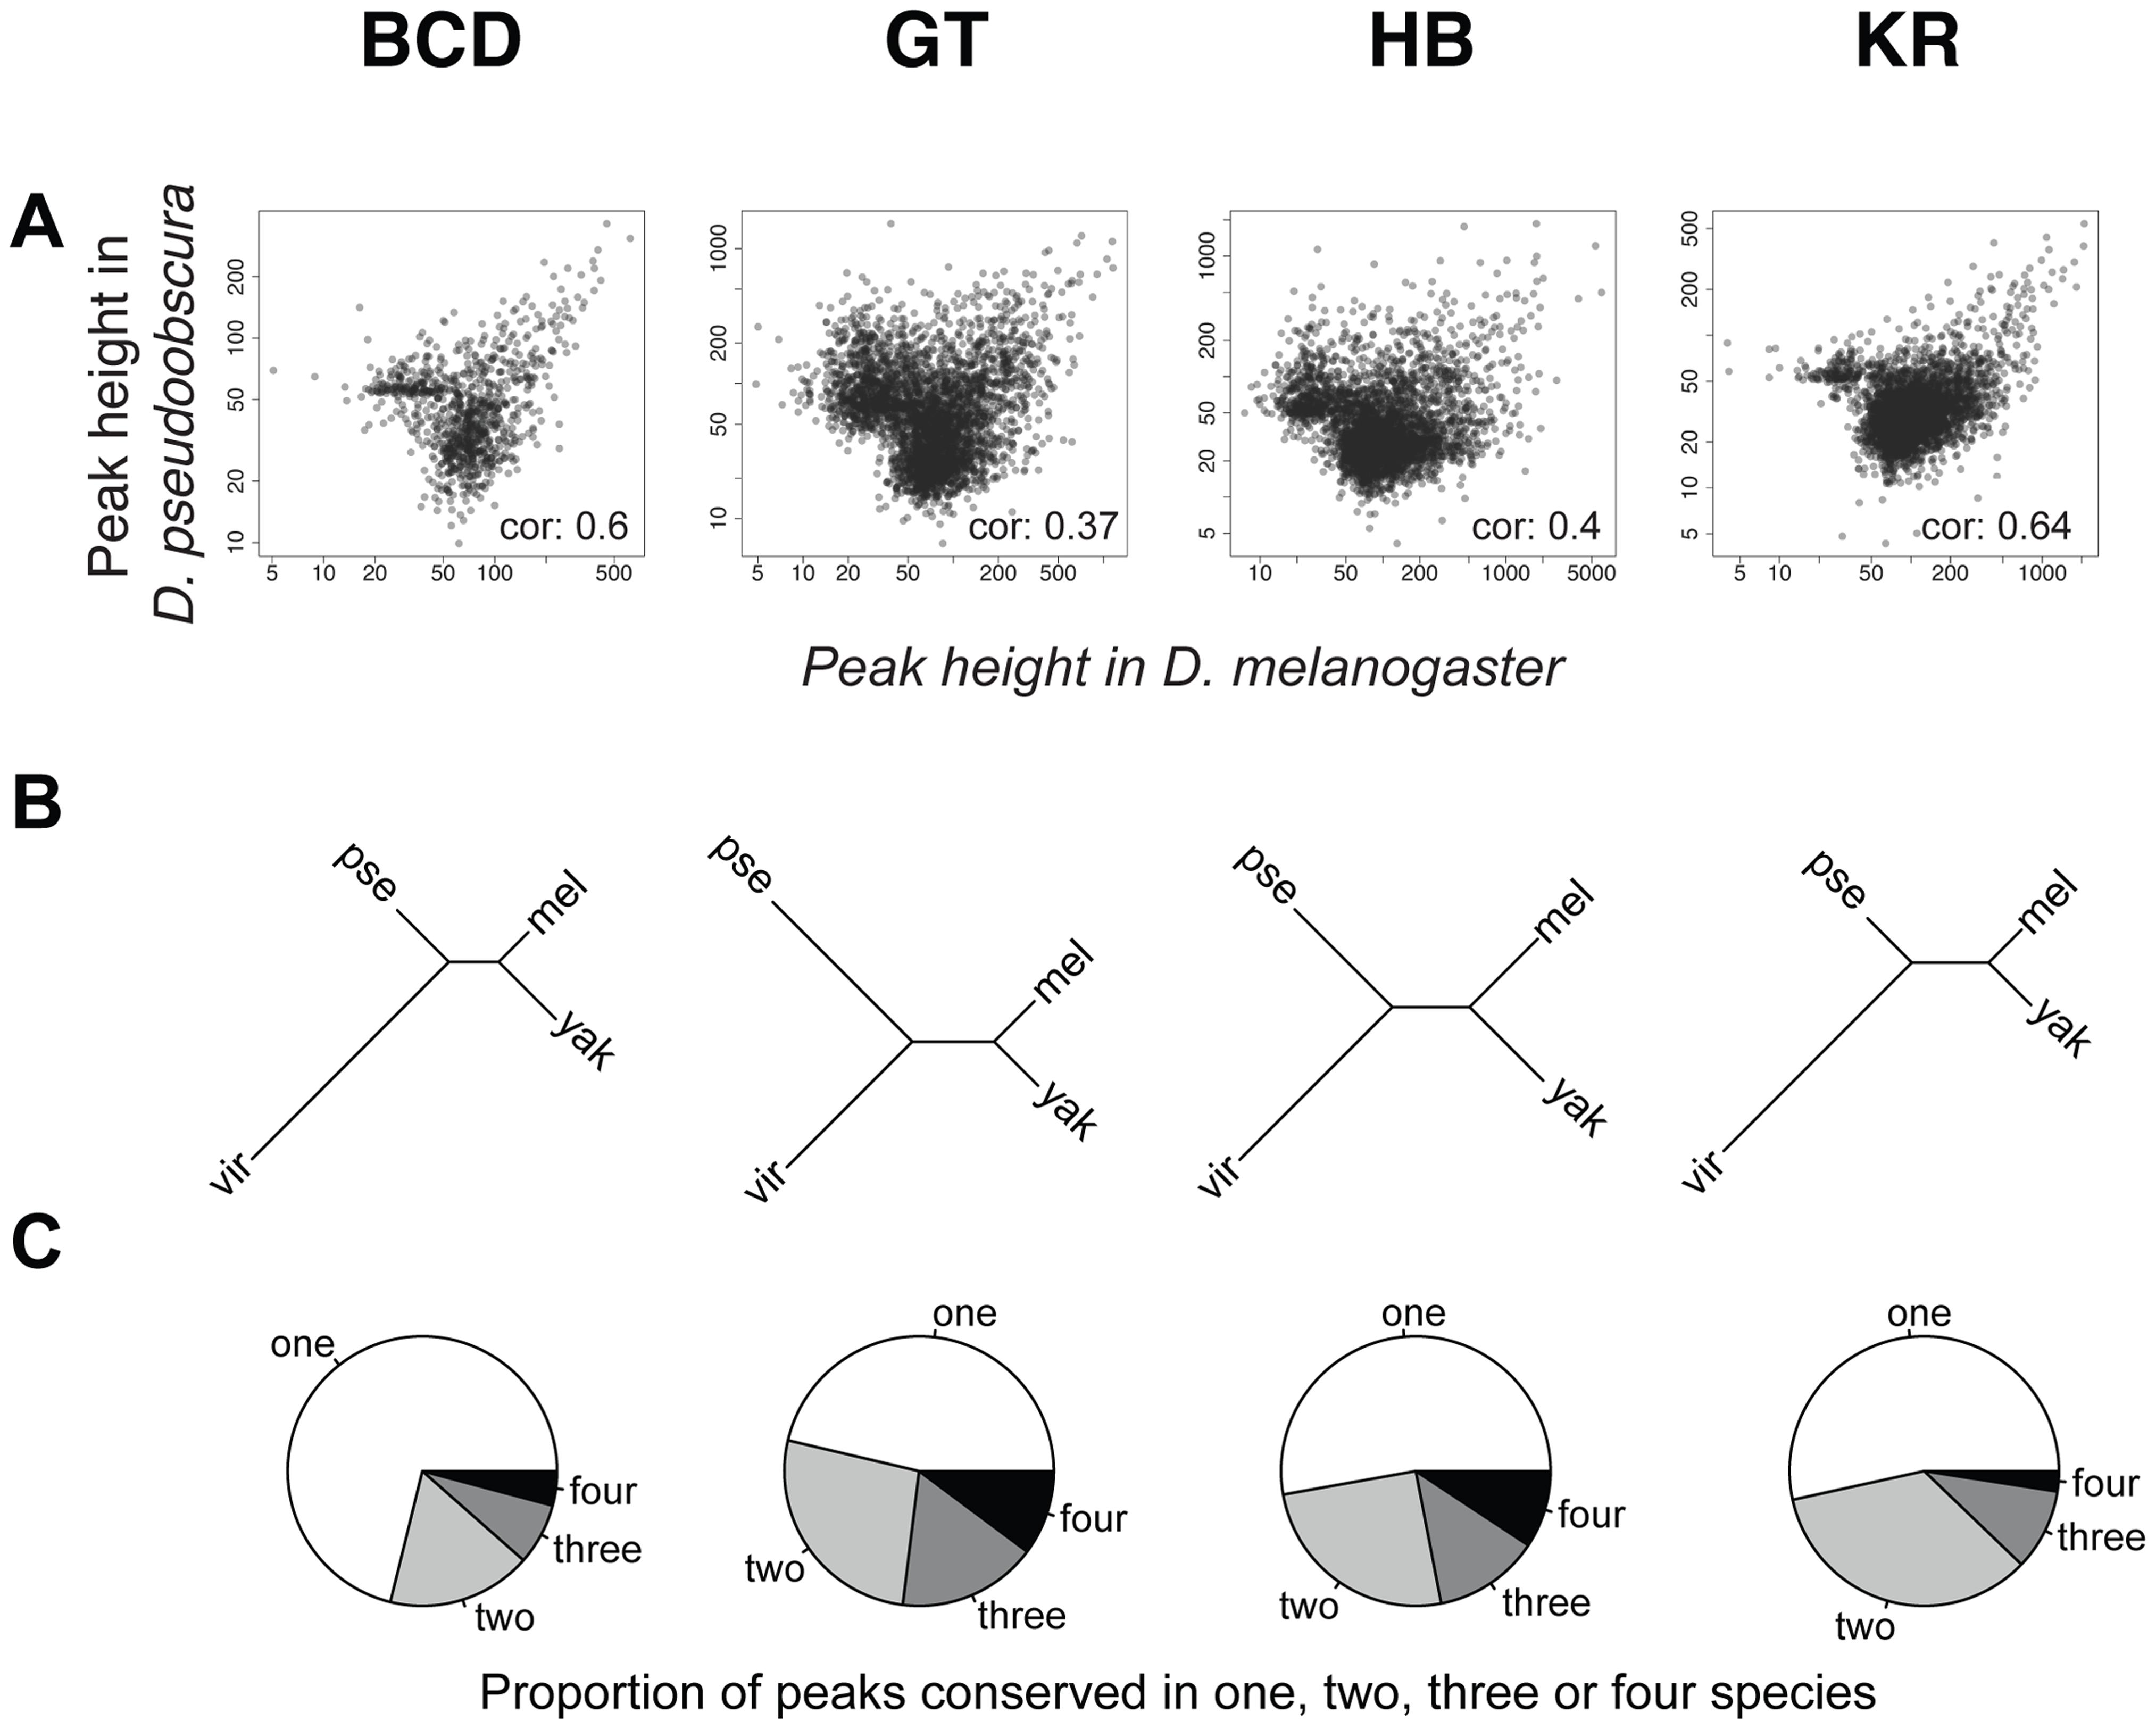 Comparison of BCD, GT, HB and KR binding in <i>D.melanogaster</i>, <i>D.yakuba</i>, <i>D.pseudoobscura</i> and <i>D.virilis</i>.